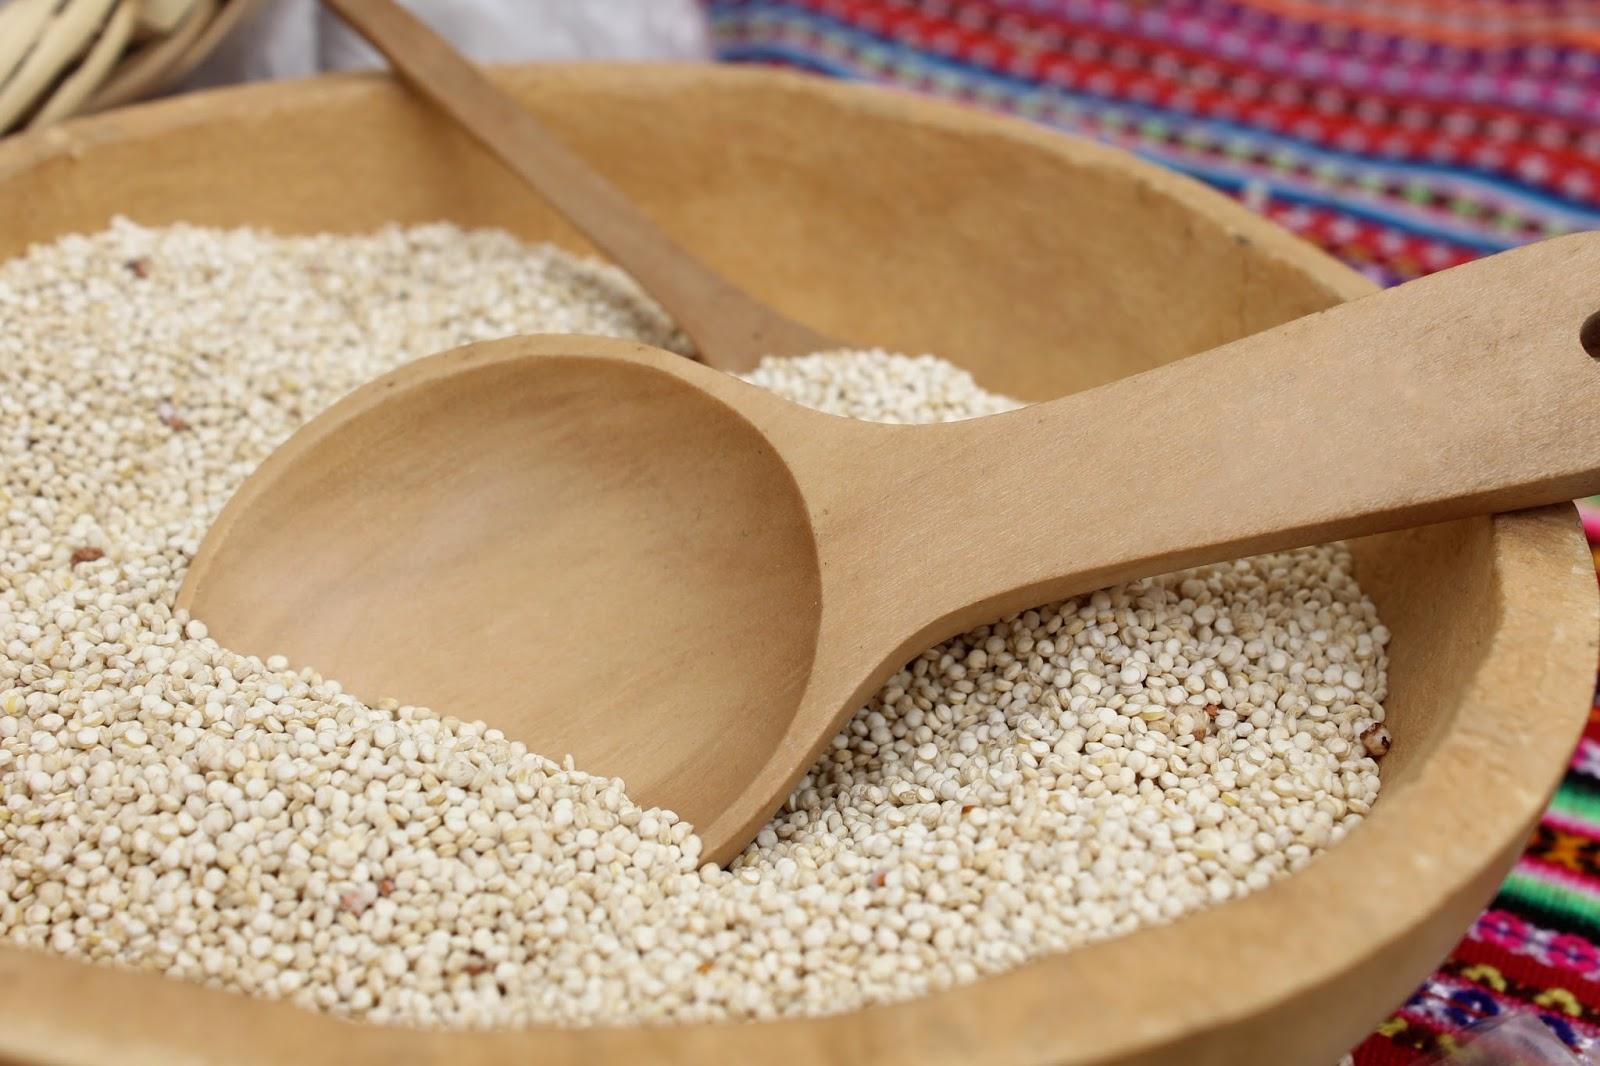 quinoa-recetas-cocina-faciles-adelgazar-sanas-ensaladas-caseras-bruja